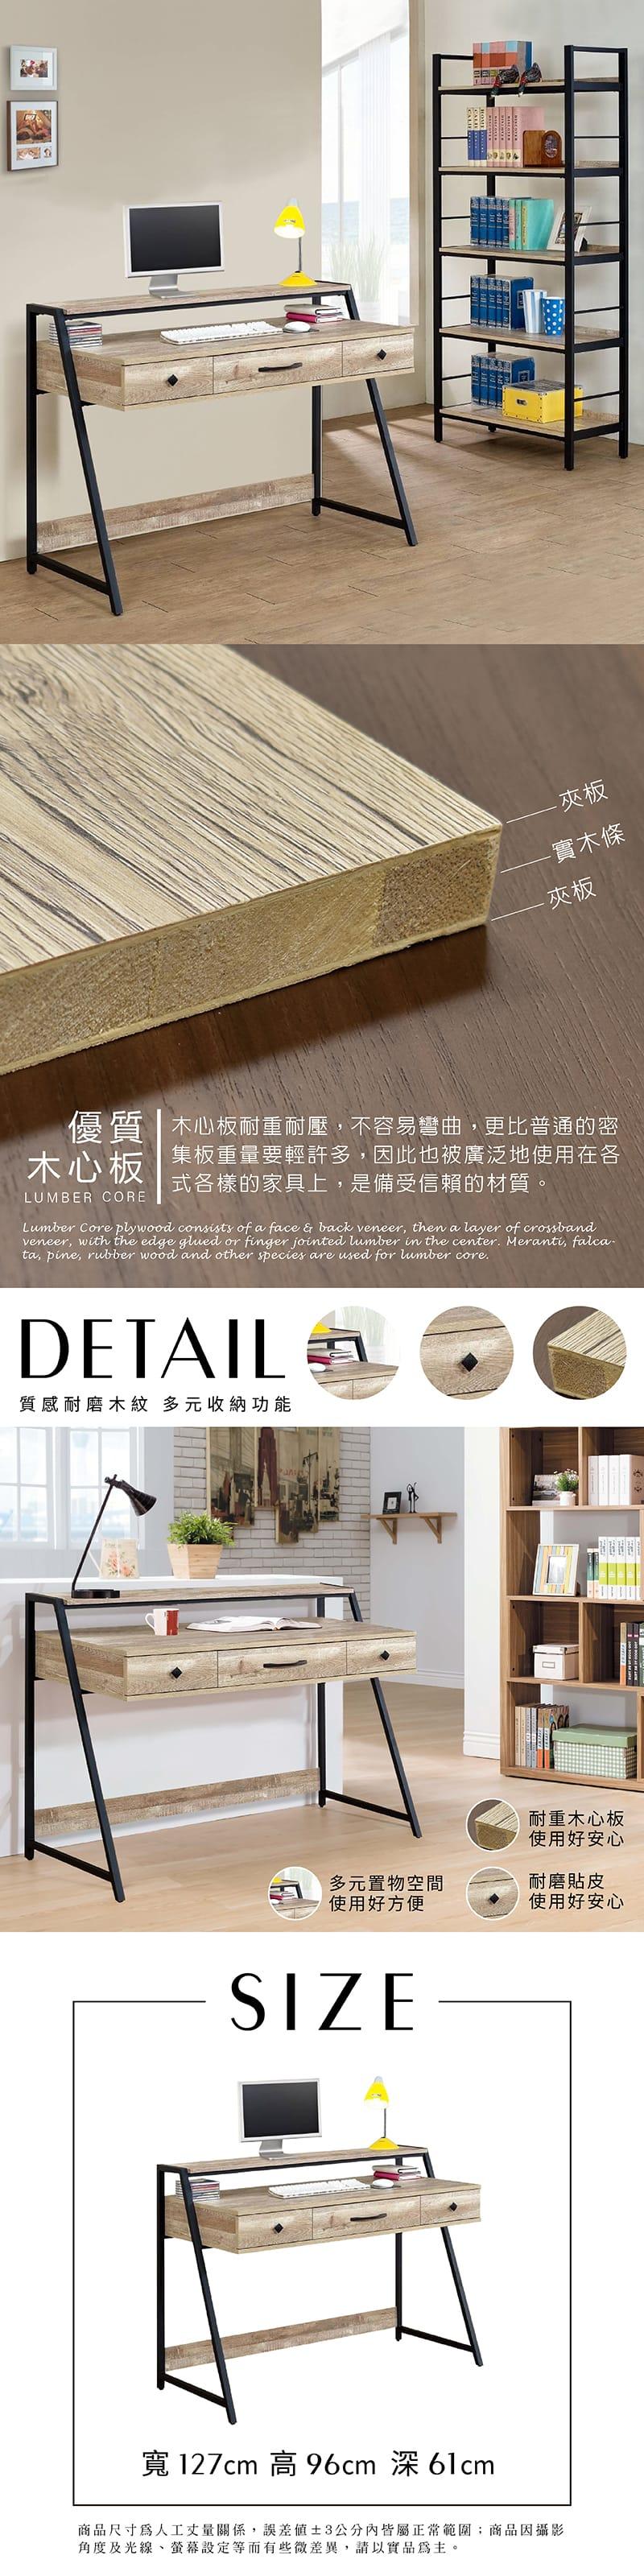 曼斯 工業風書桌 寬127cm(抽屜系列)